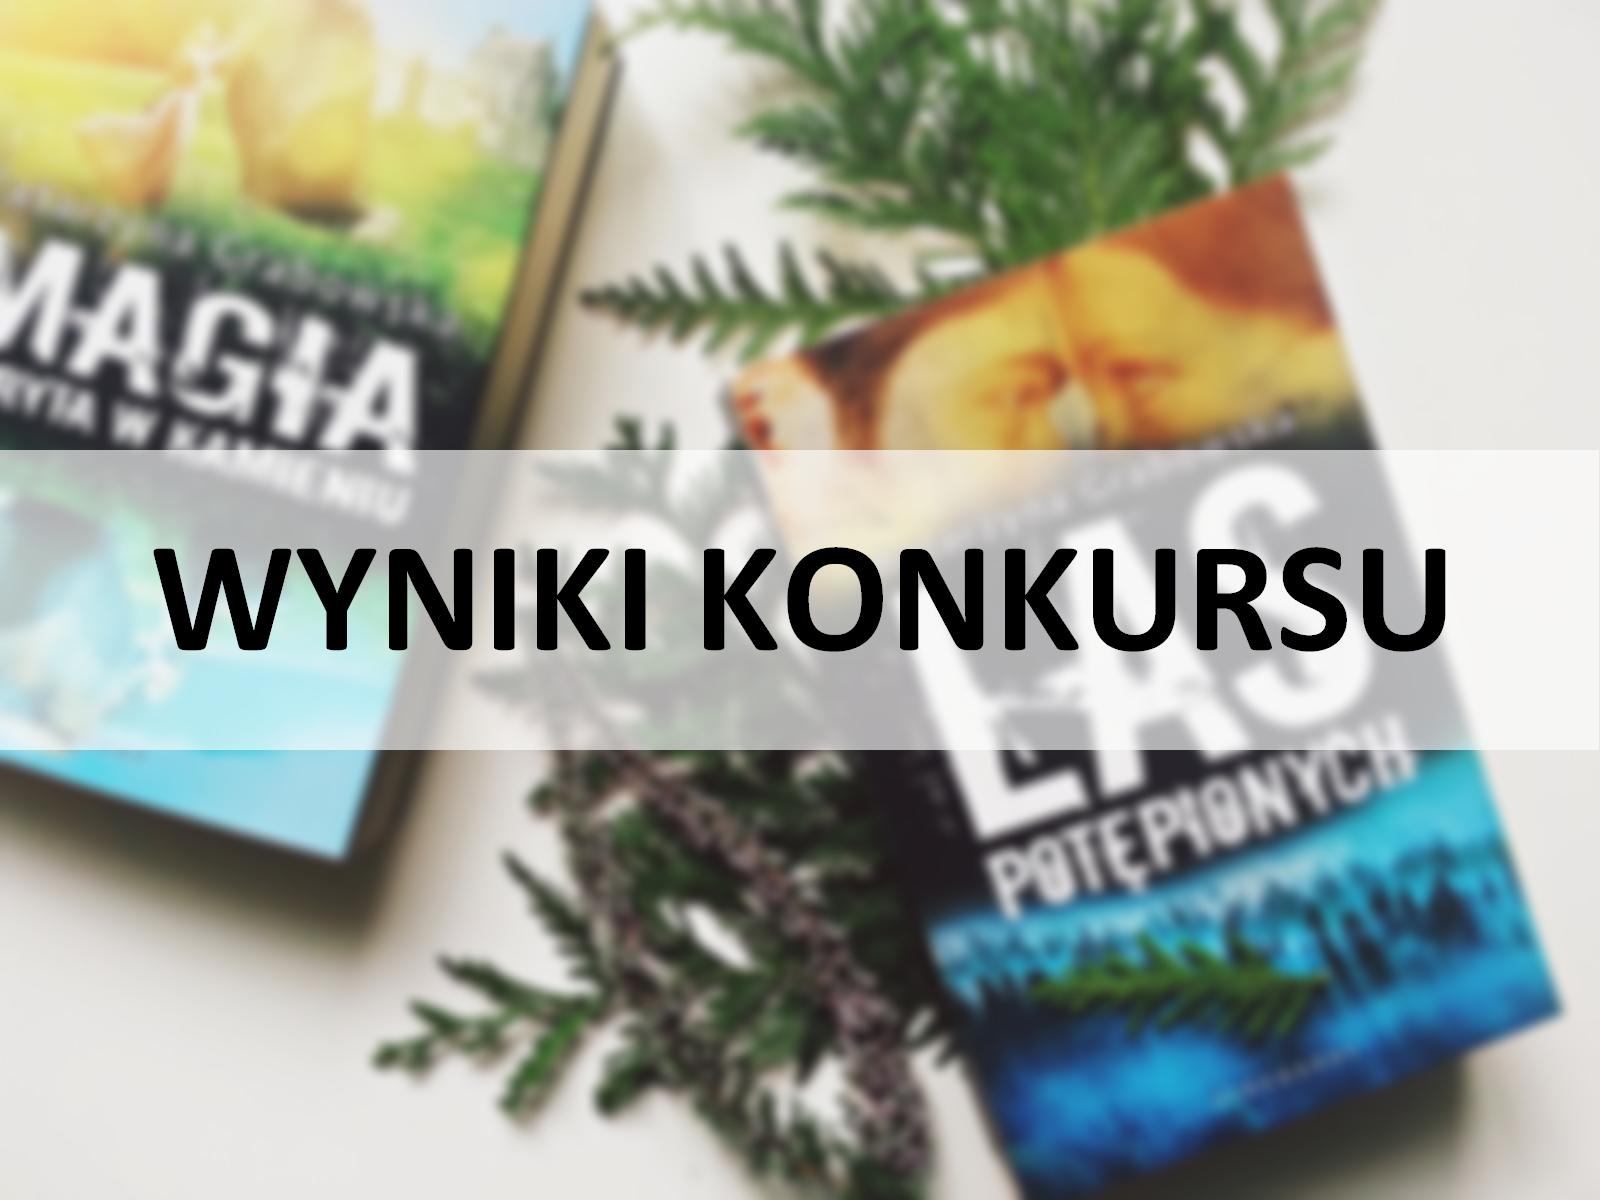 Las Potępionych, Magia ukryta w kamieniu, tom 2, Katarzyna Grabowska, książka, Videograf wydawnictwo